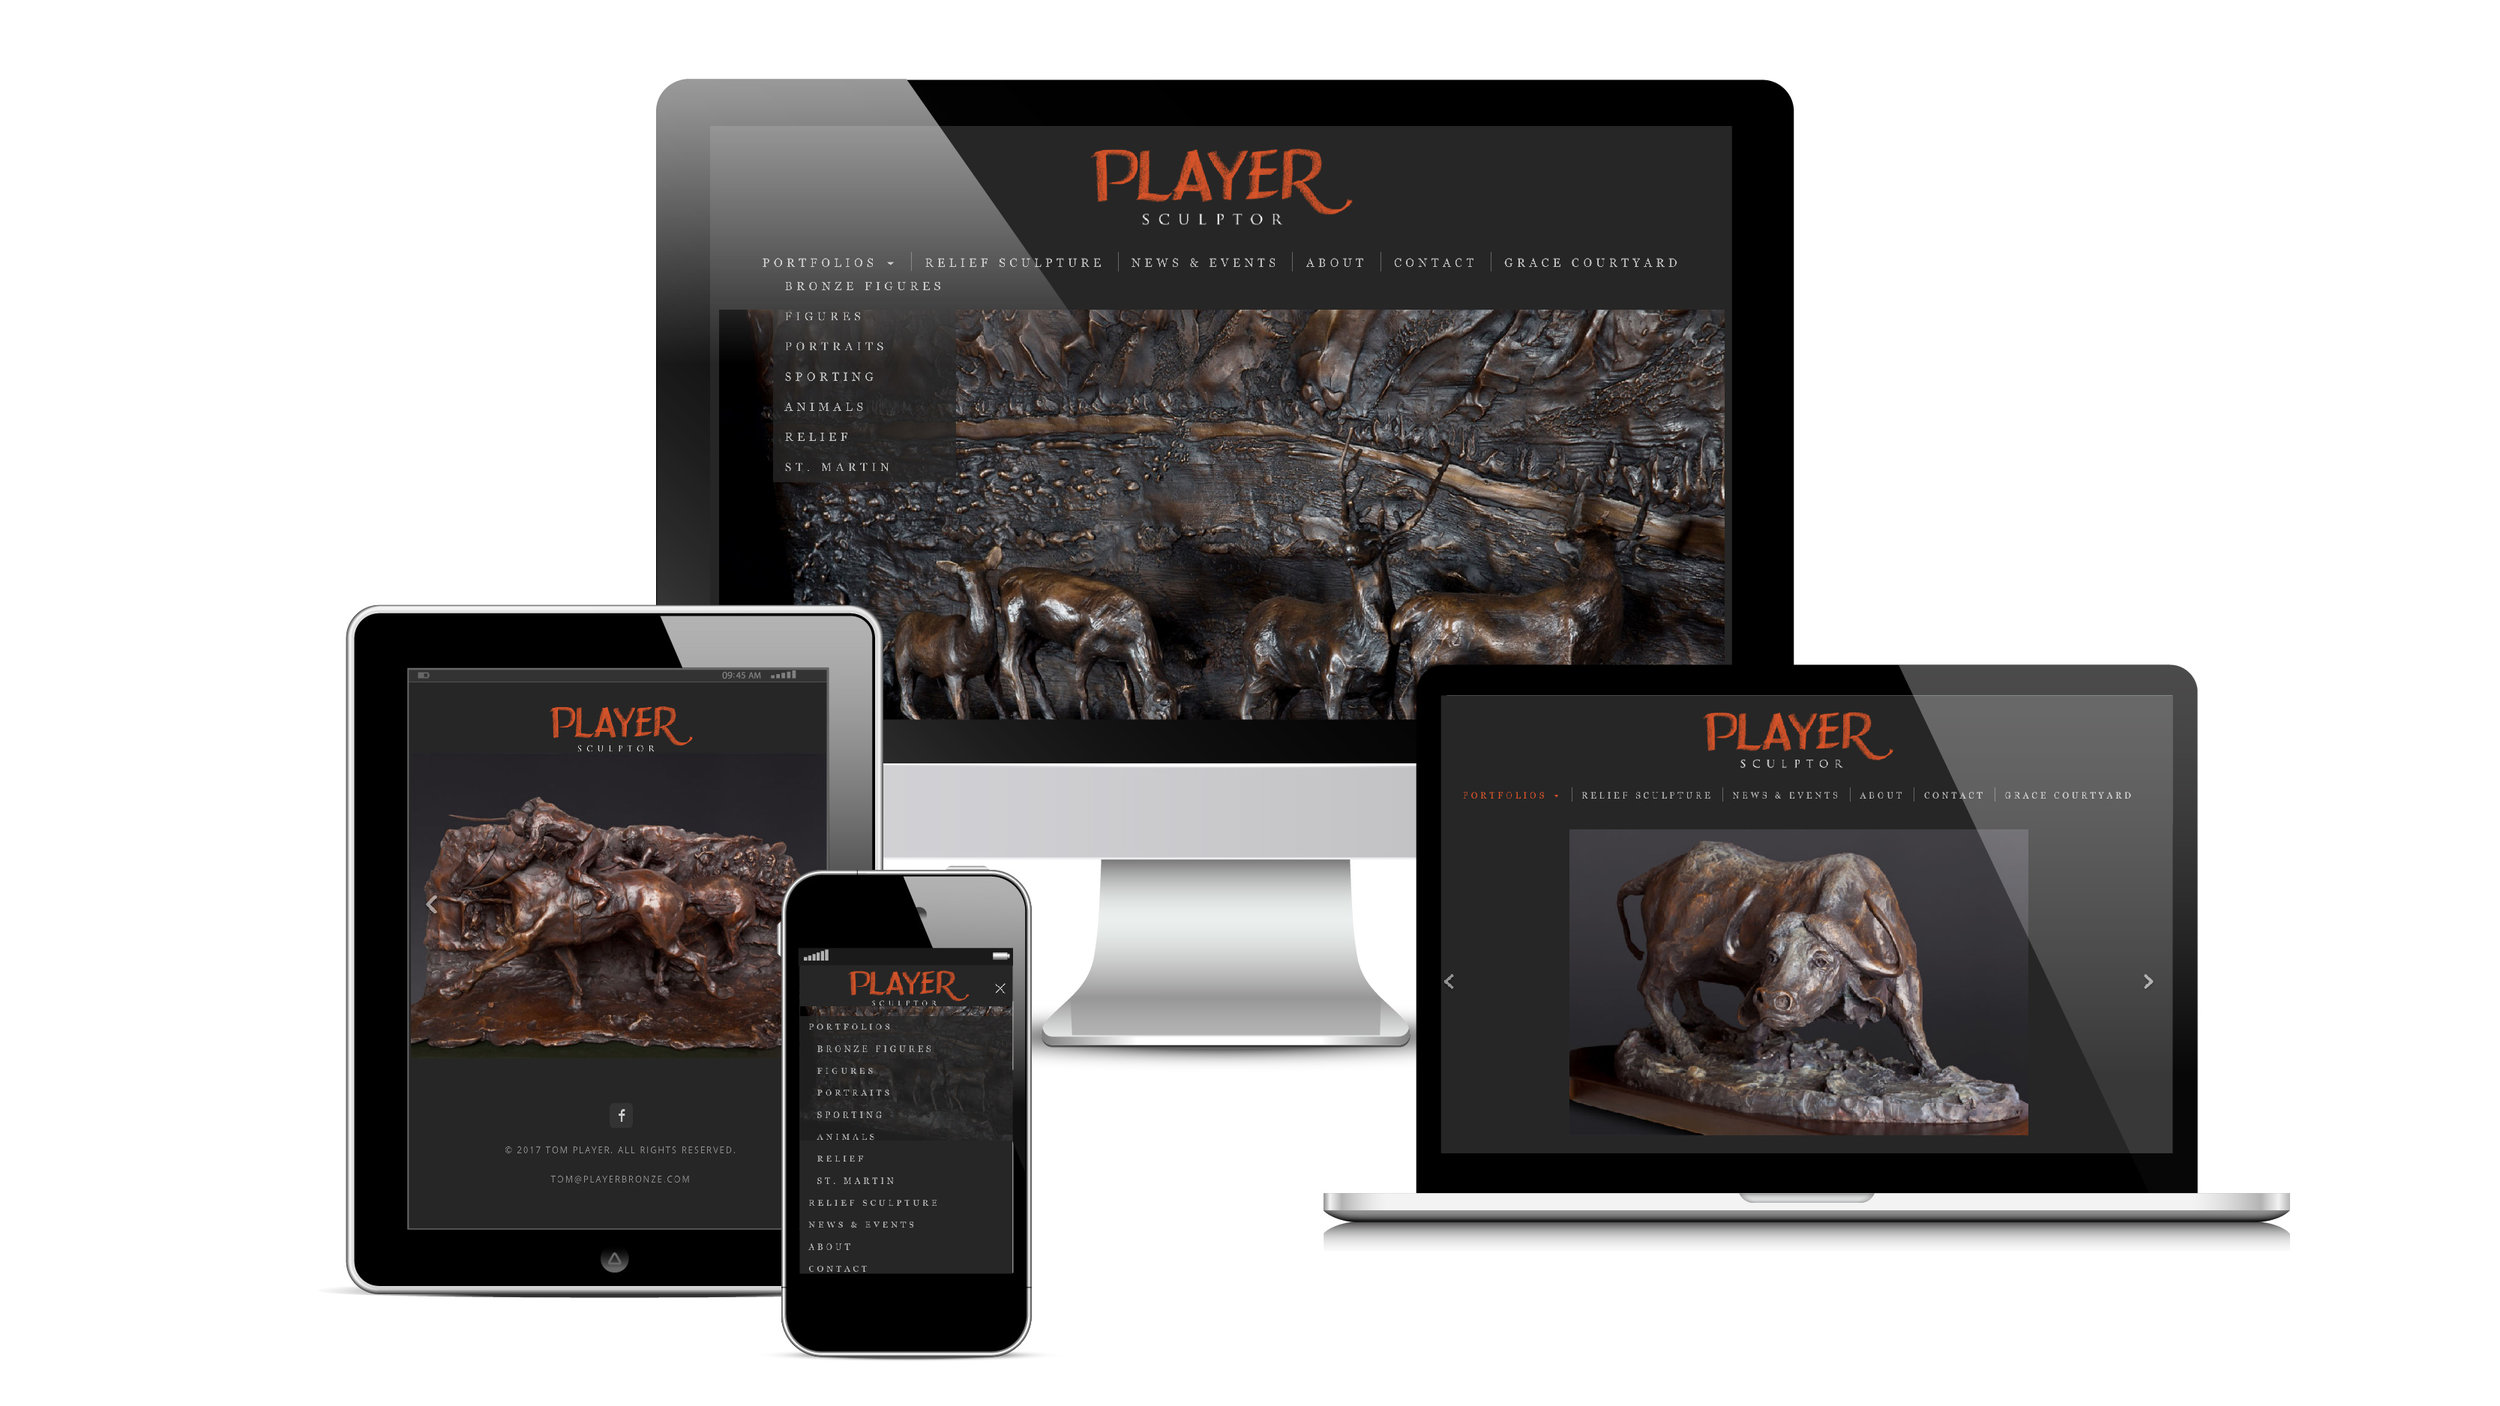 PlayerBronze-01.jpg